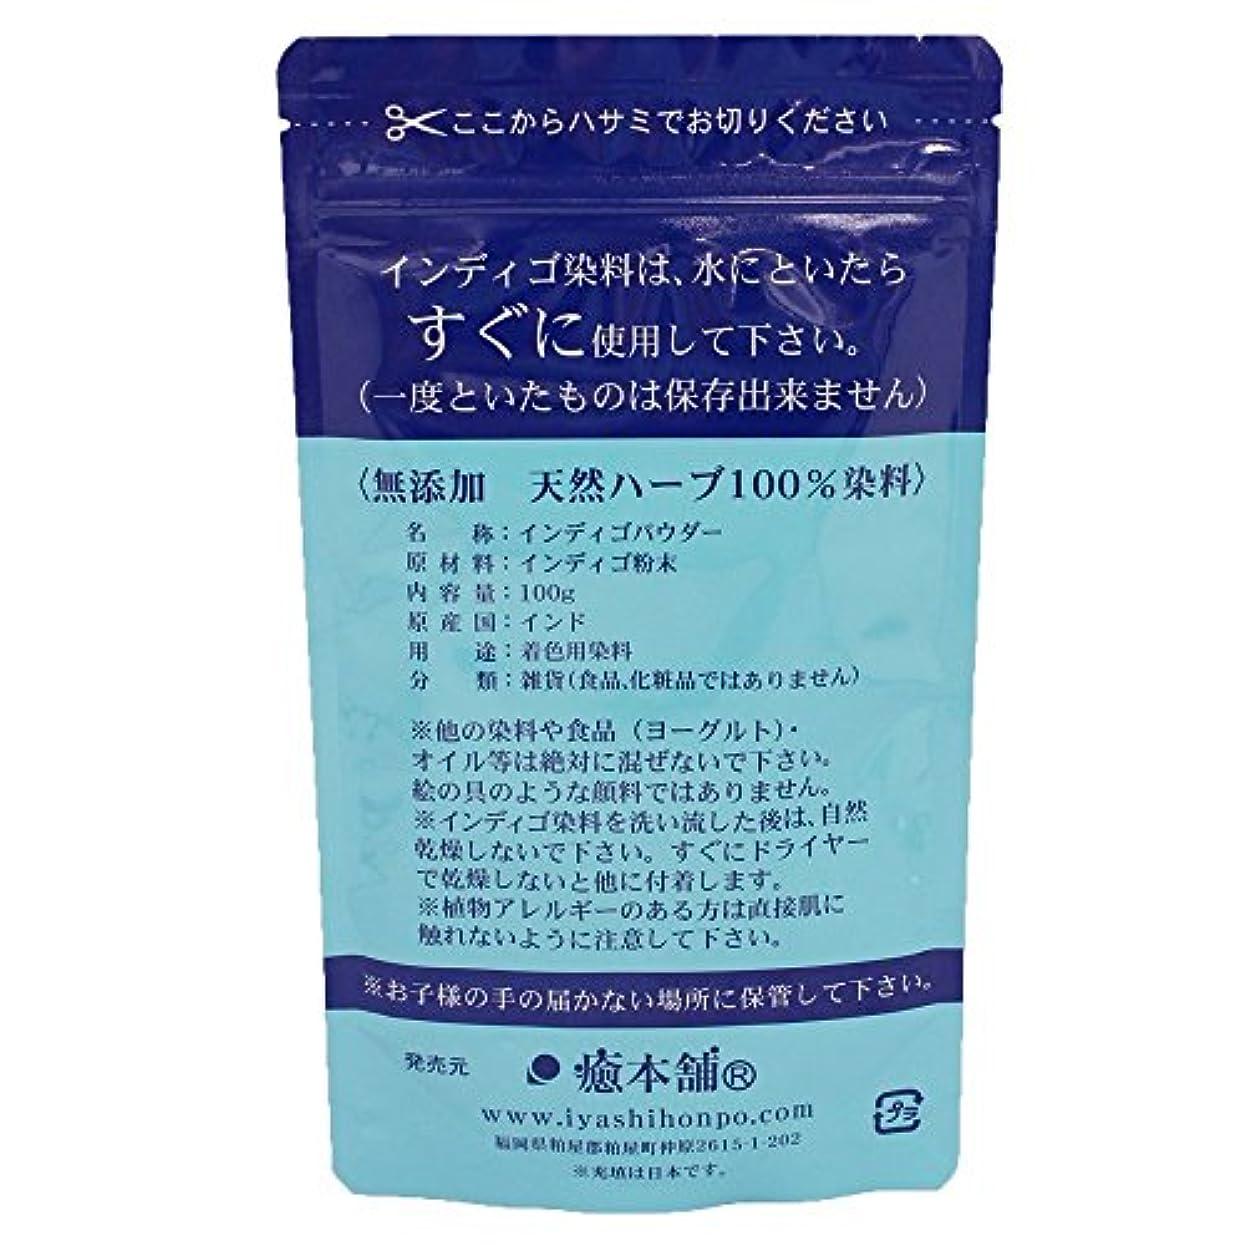 叫び声放射する汚染された癒本舗 インディゴ(天然染料100%) 100g